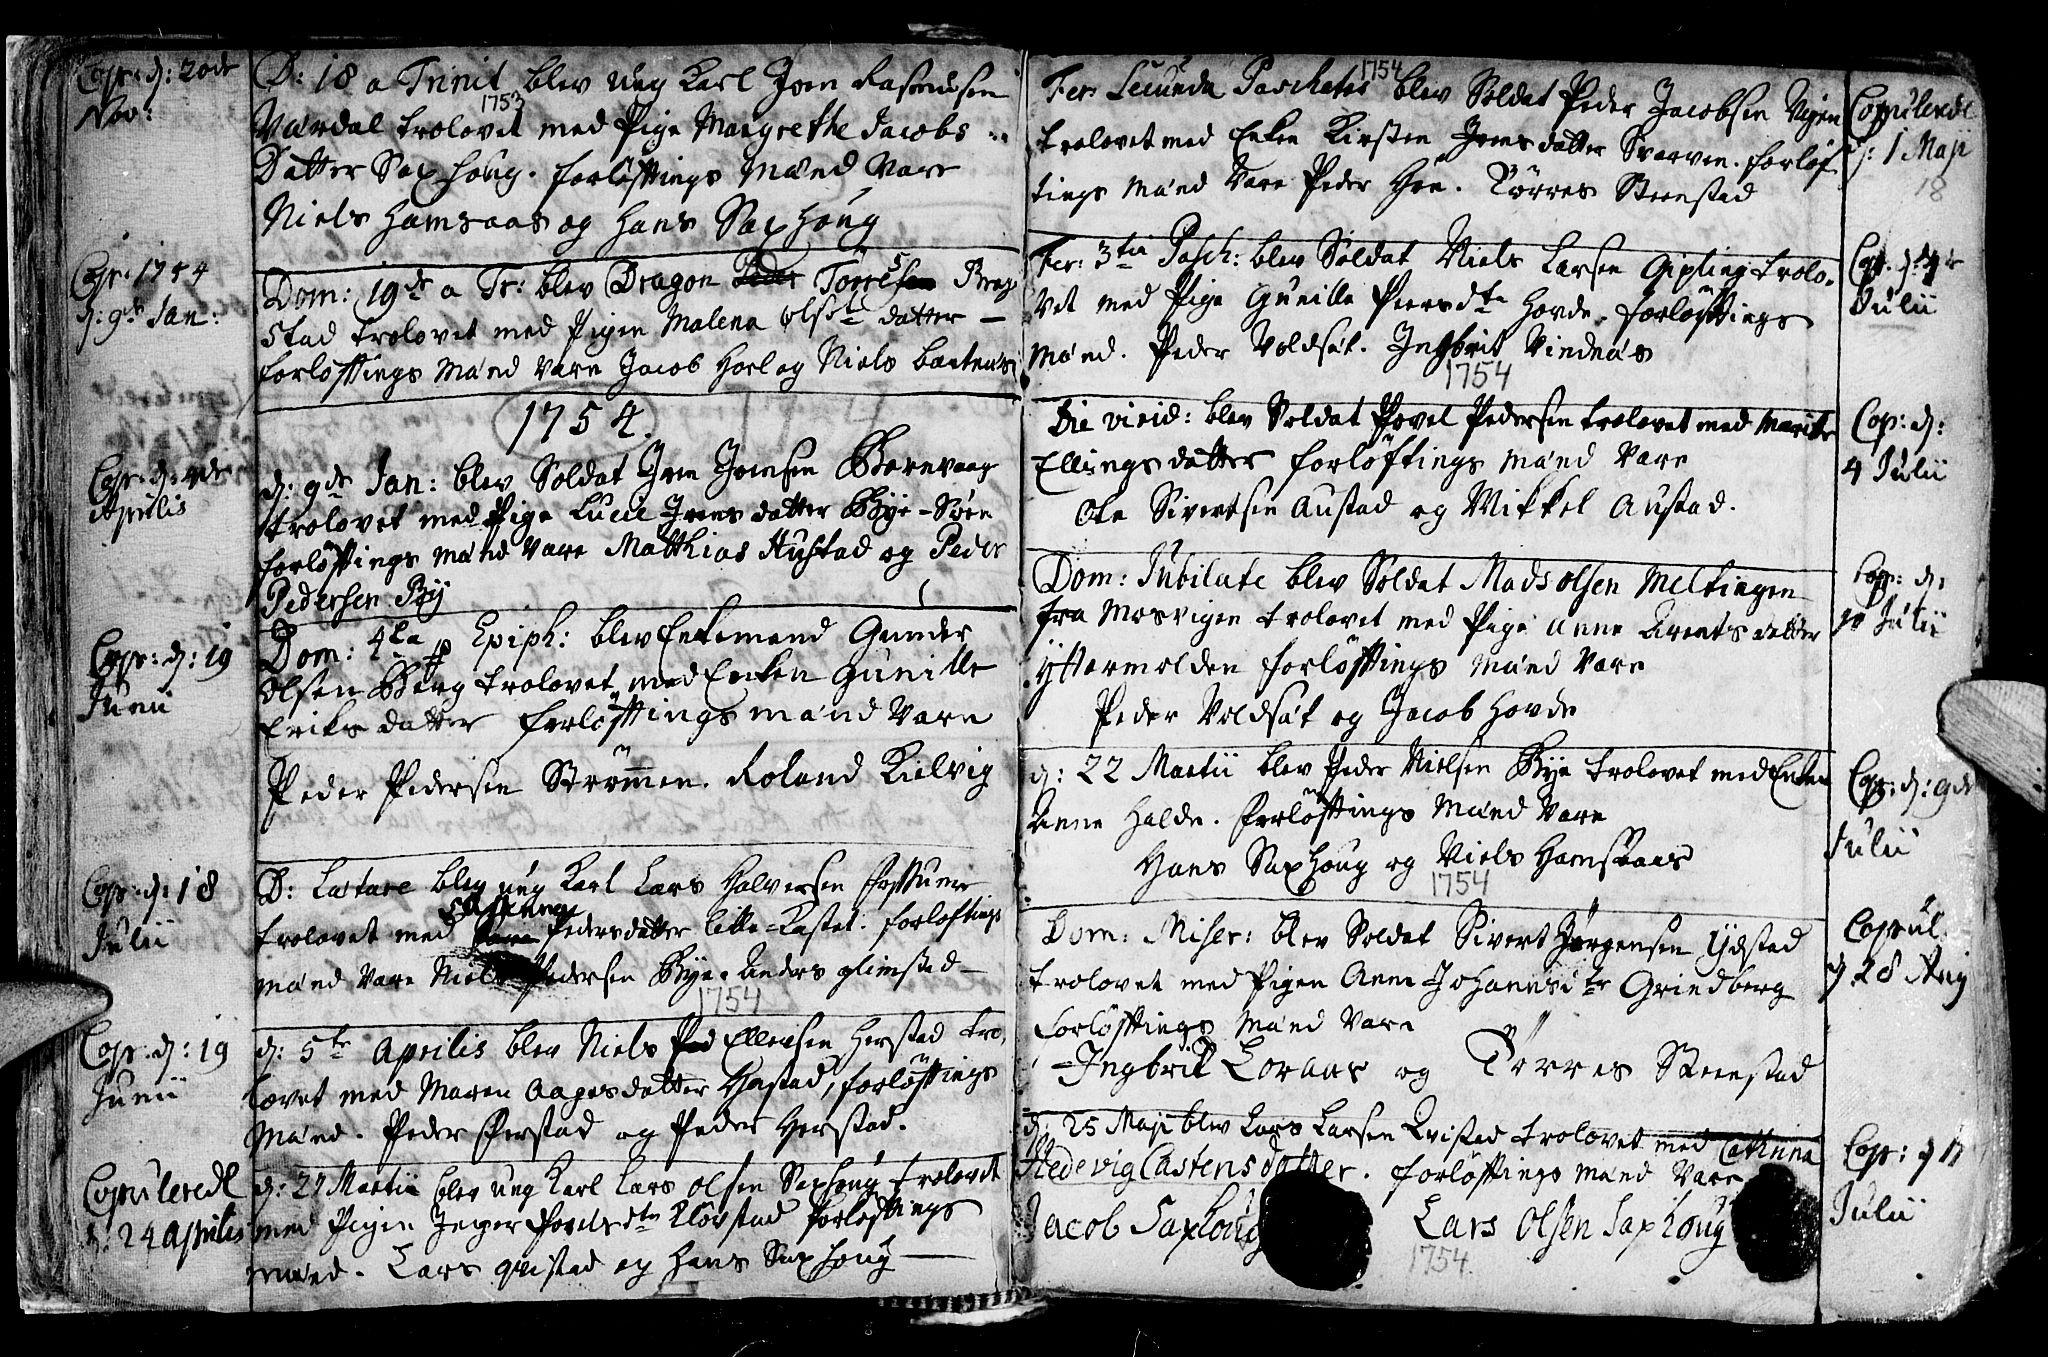 SAT, Ministerialprotokoller, klokkerbøker og fødselsregistre - Nord-Trøndelag, 730/L0272: Ministerialbok nr. 730A01, 1733-1764, s. 18